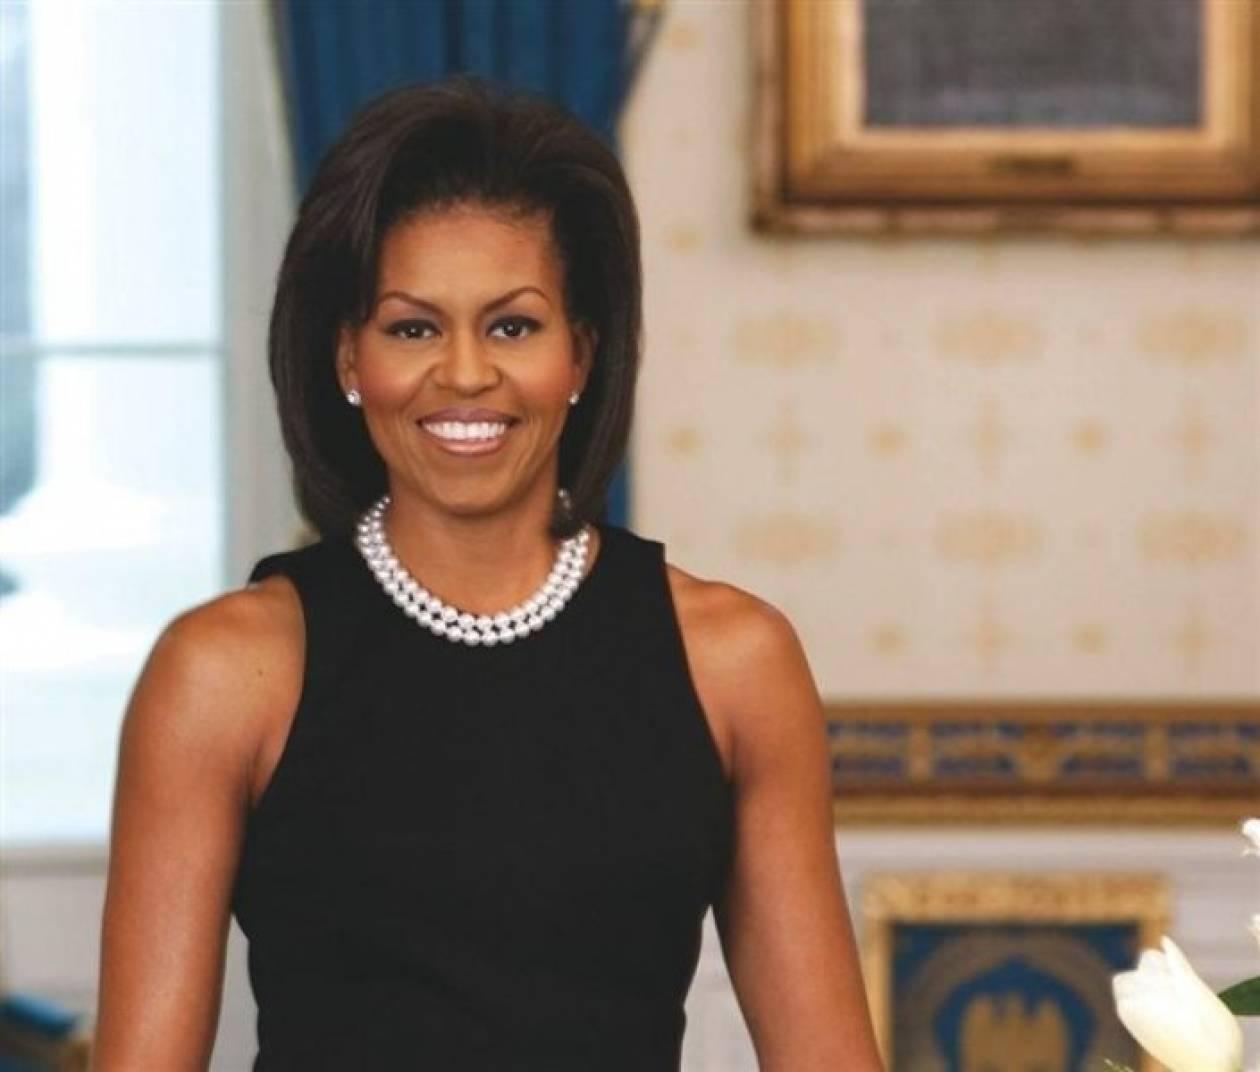 Δείτε την τρανσέξουαλ σωσία της Μισέλ Ομπάμα! (pics)